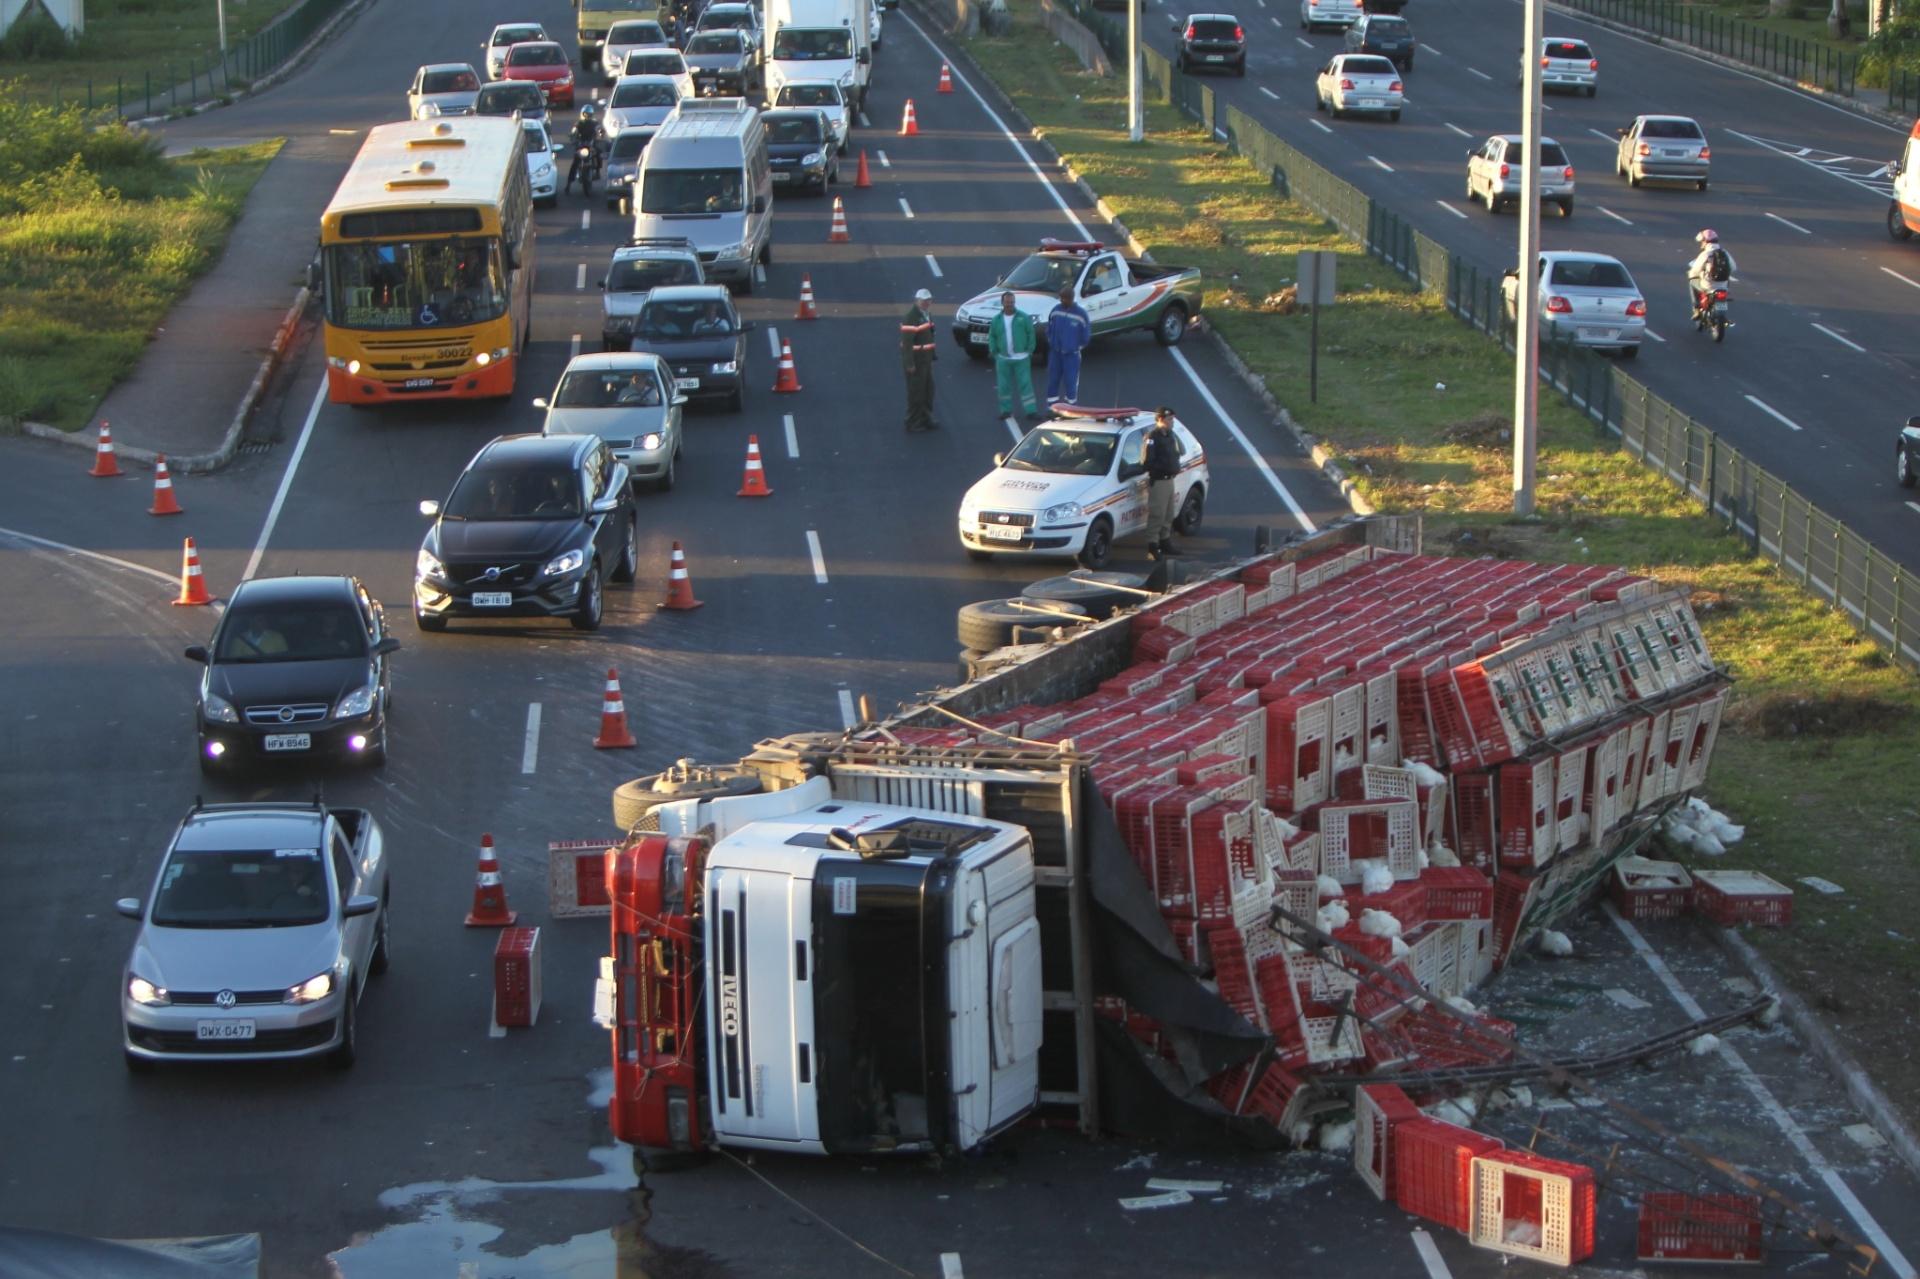 29.abr.2014 - Caminhão carregado com frangos tomba na avenida Cristiano Machado, na altura do bairro São Gabriel, em Belo Horizonte (MG). O trânsito no local foi desviado